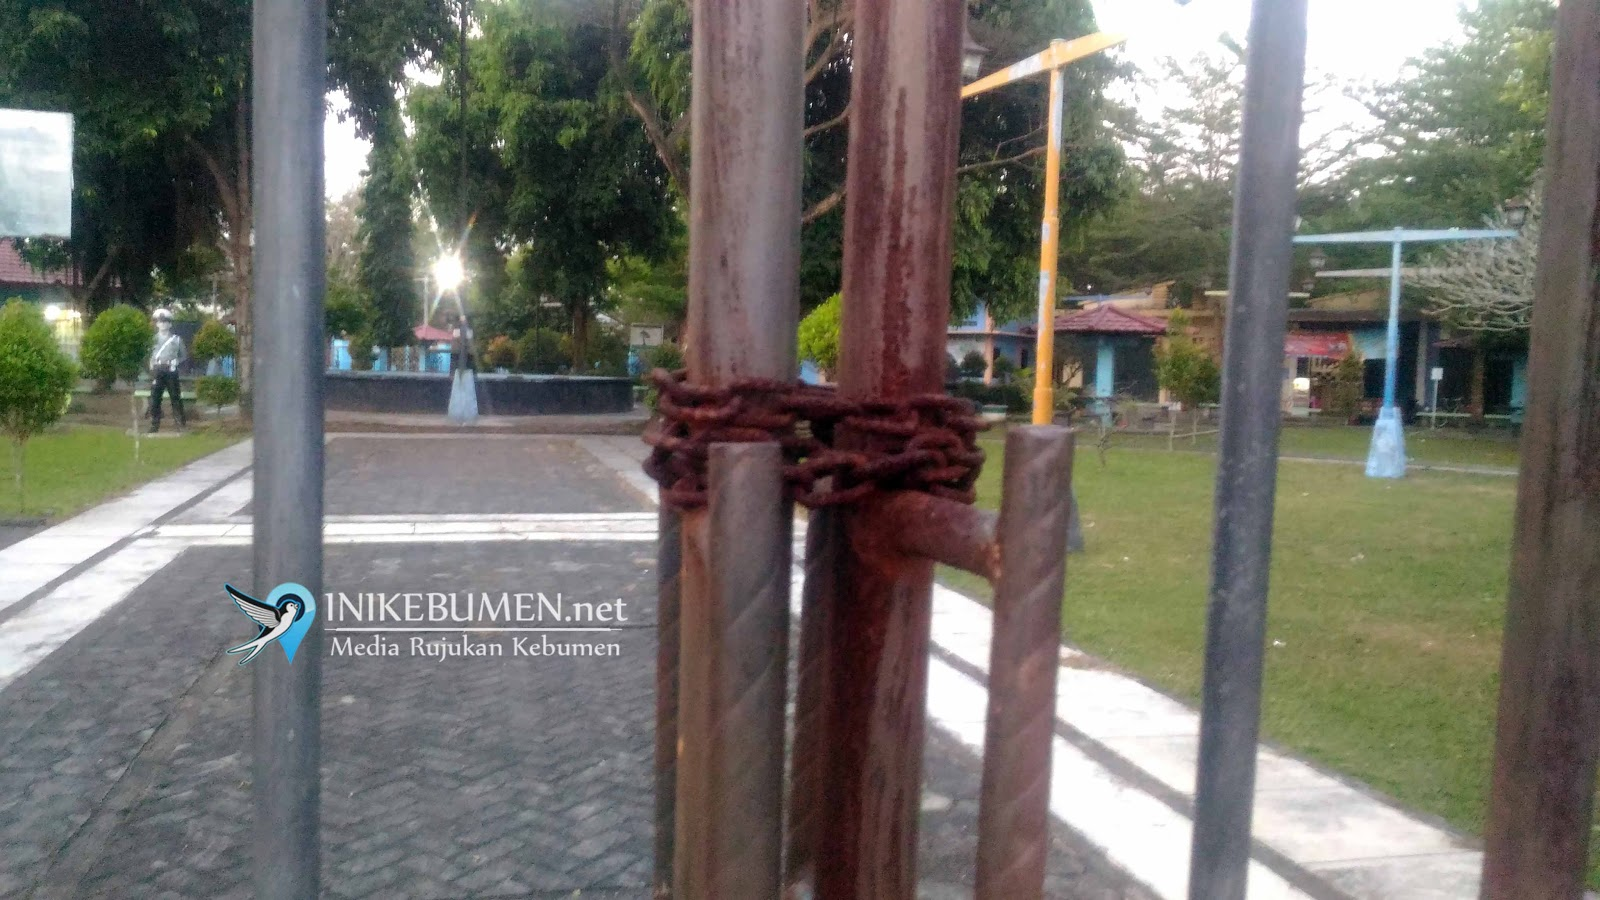 Taman Kota Jendral Sarbini Kebumen Kurang Terawat